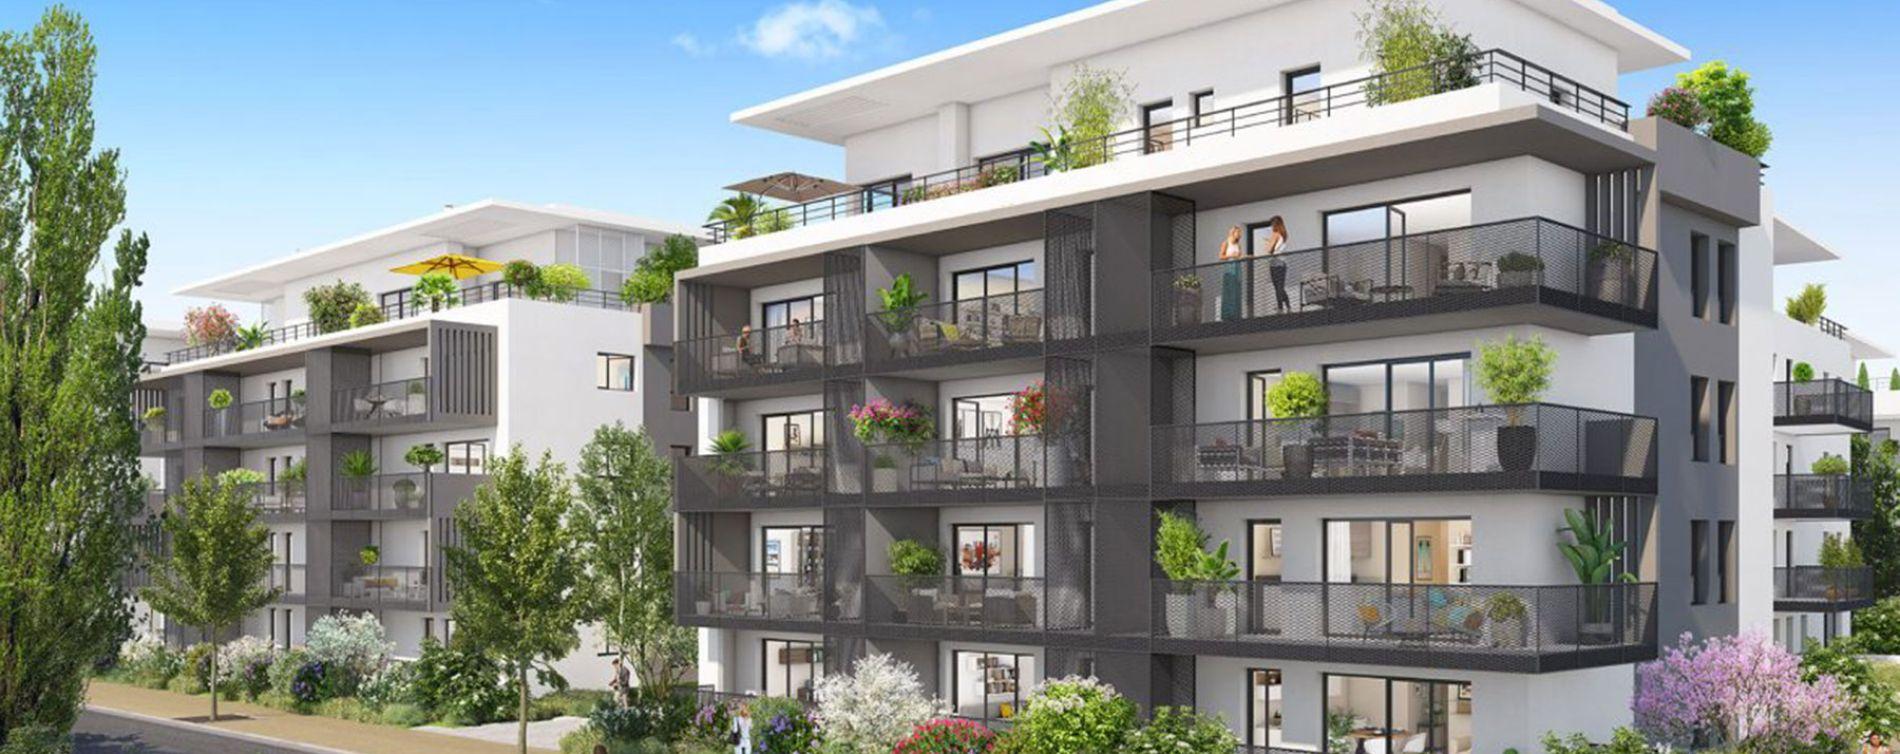 Aix-les-Bains : programme immobilier neuve « Les Jardins de l'Hippodrome »